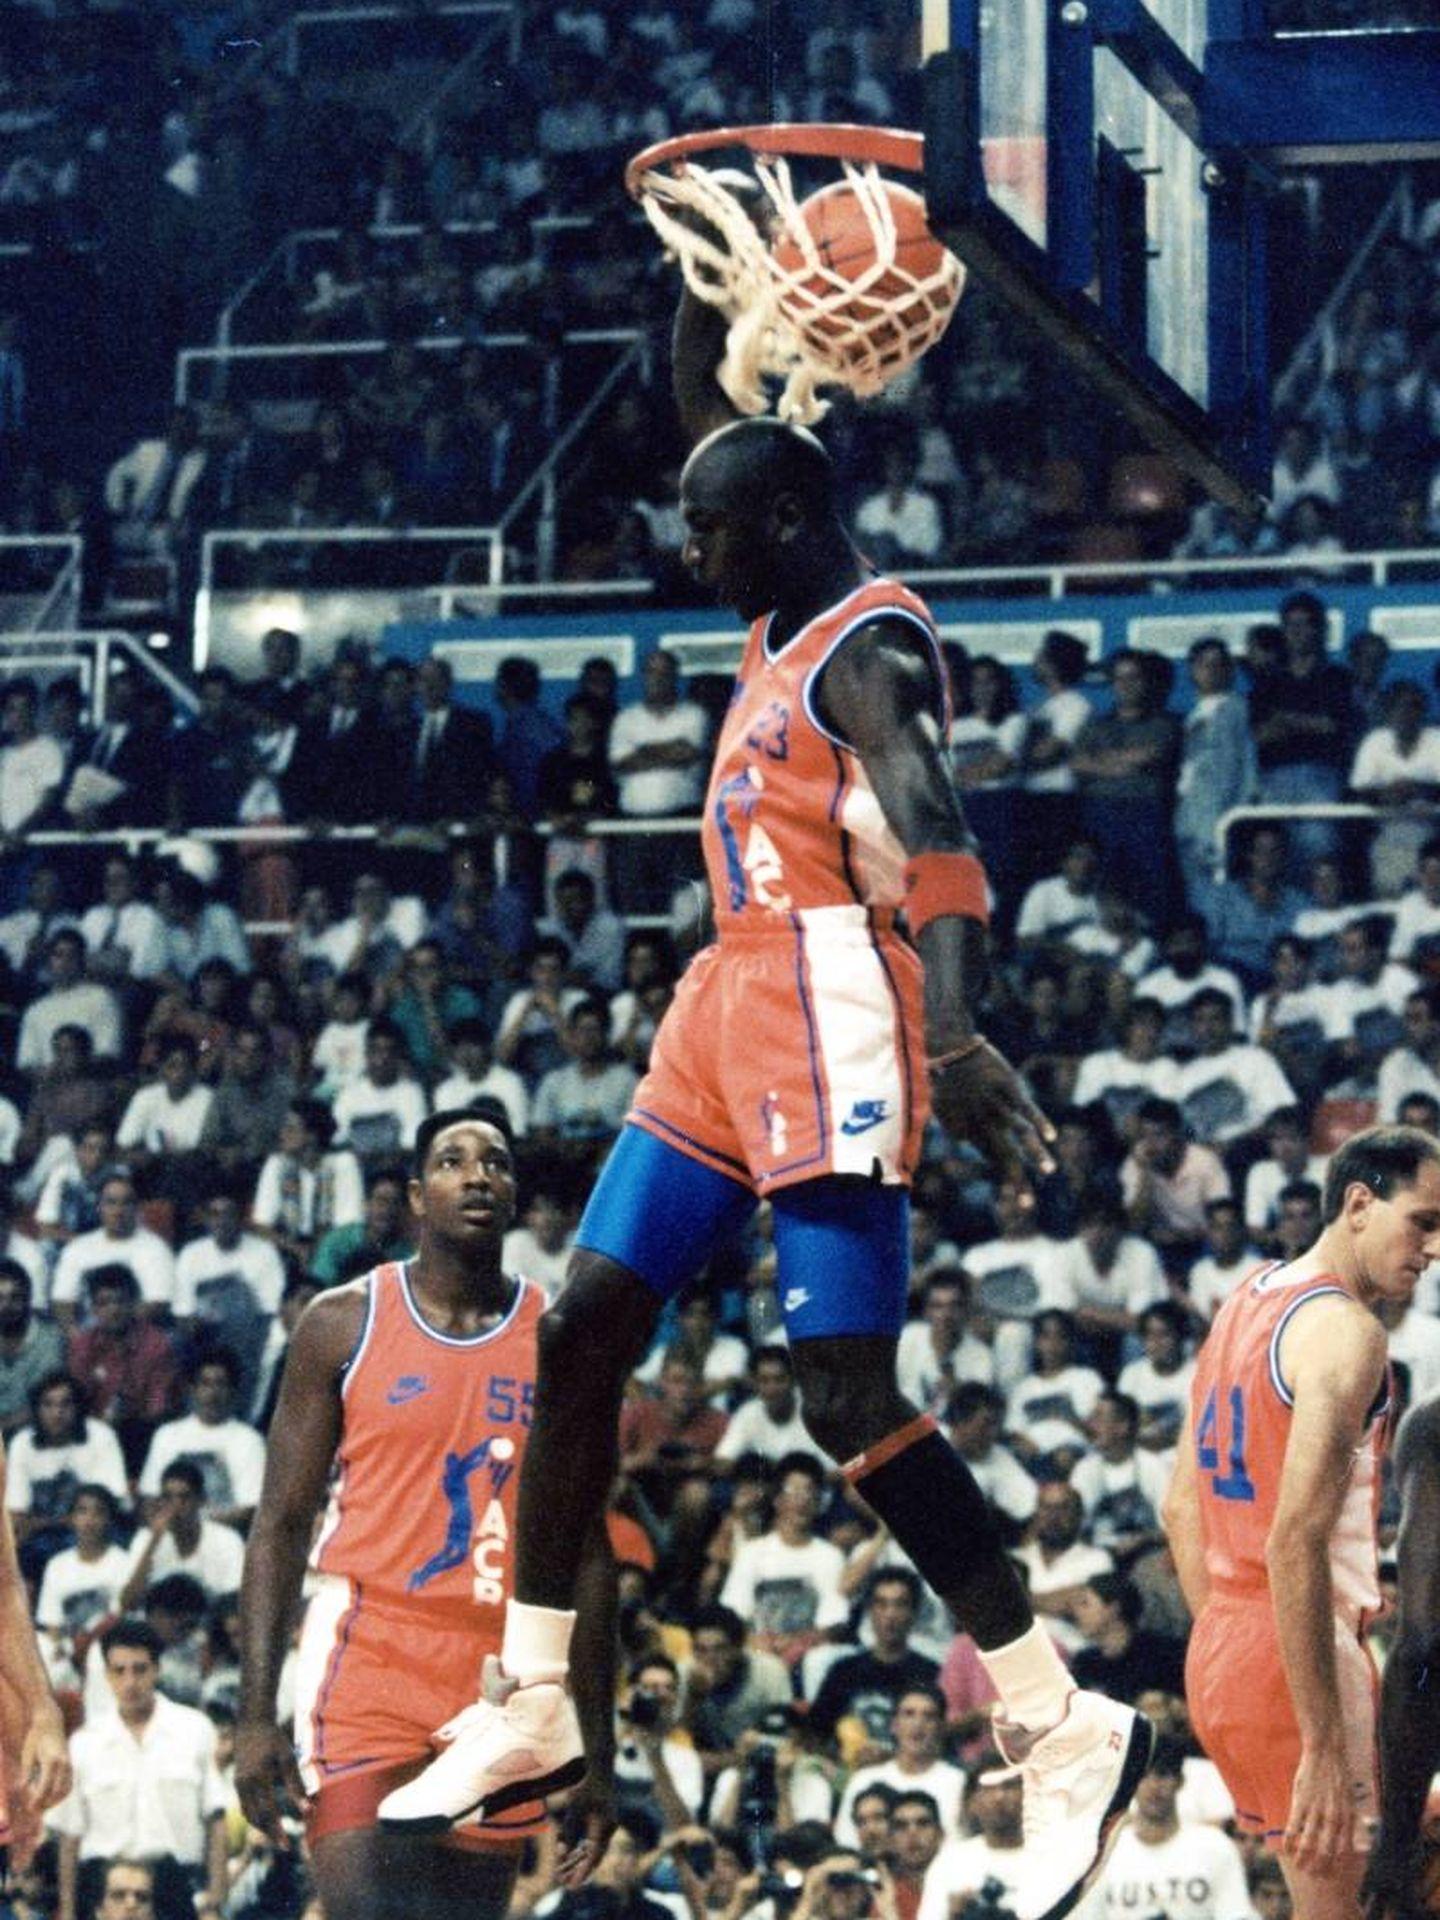 Uno de los mates de Jordan en aquel partido. (ACB Photo)